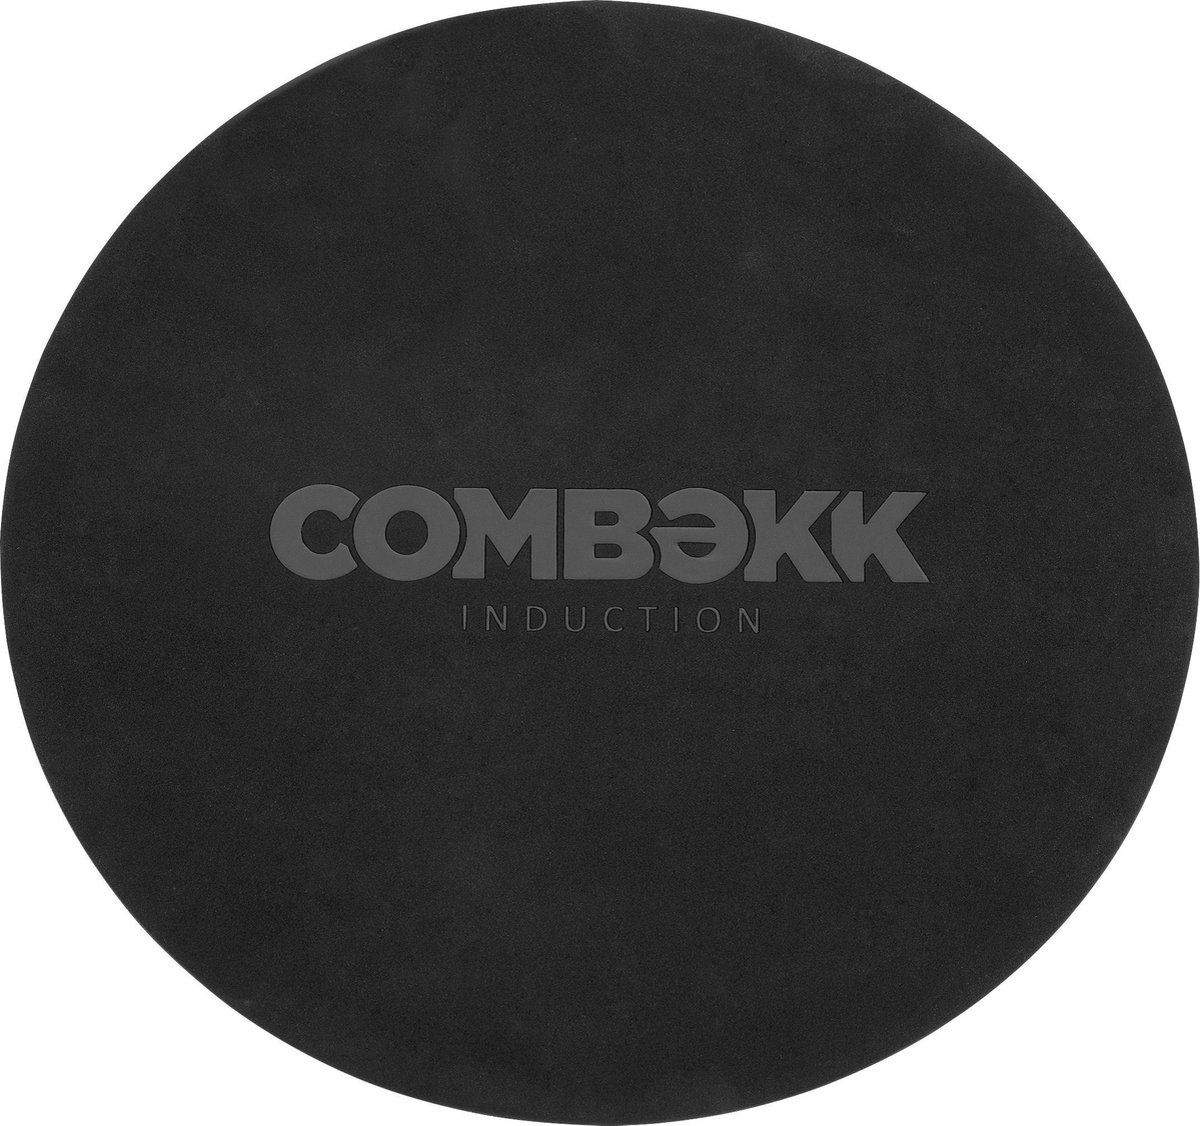 Combekk Inductie Beschermings Mat 3 Stuks 18, 24 en 28 cm